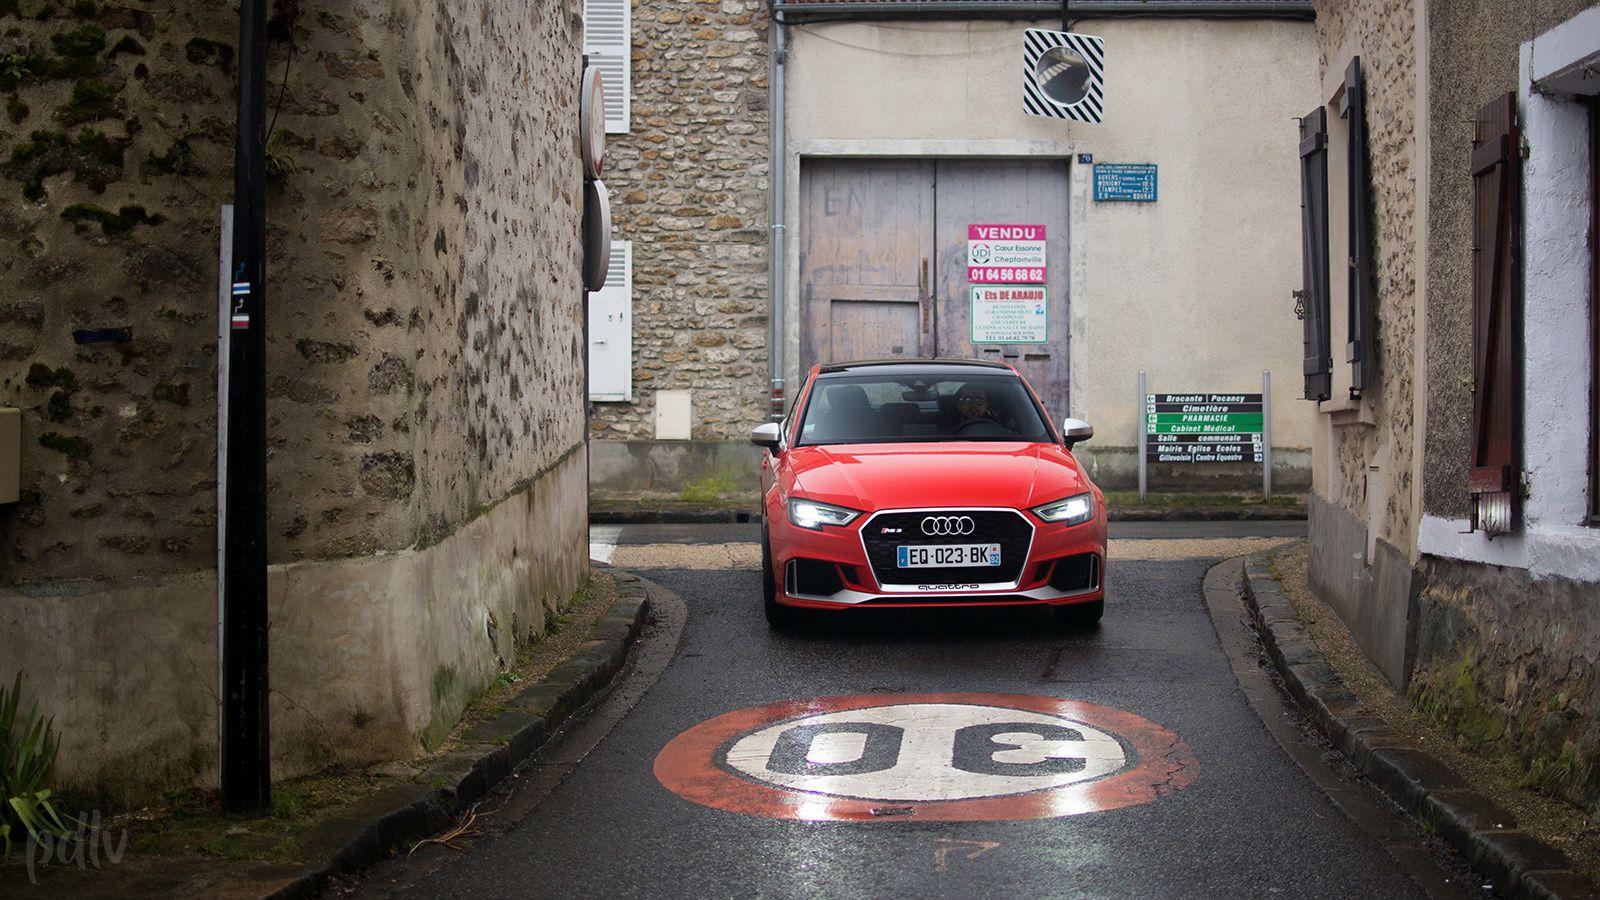 Audi RS 3 berline TFSI 400 : un essai pas comme les autres...